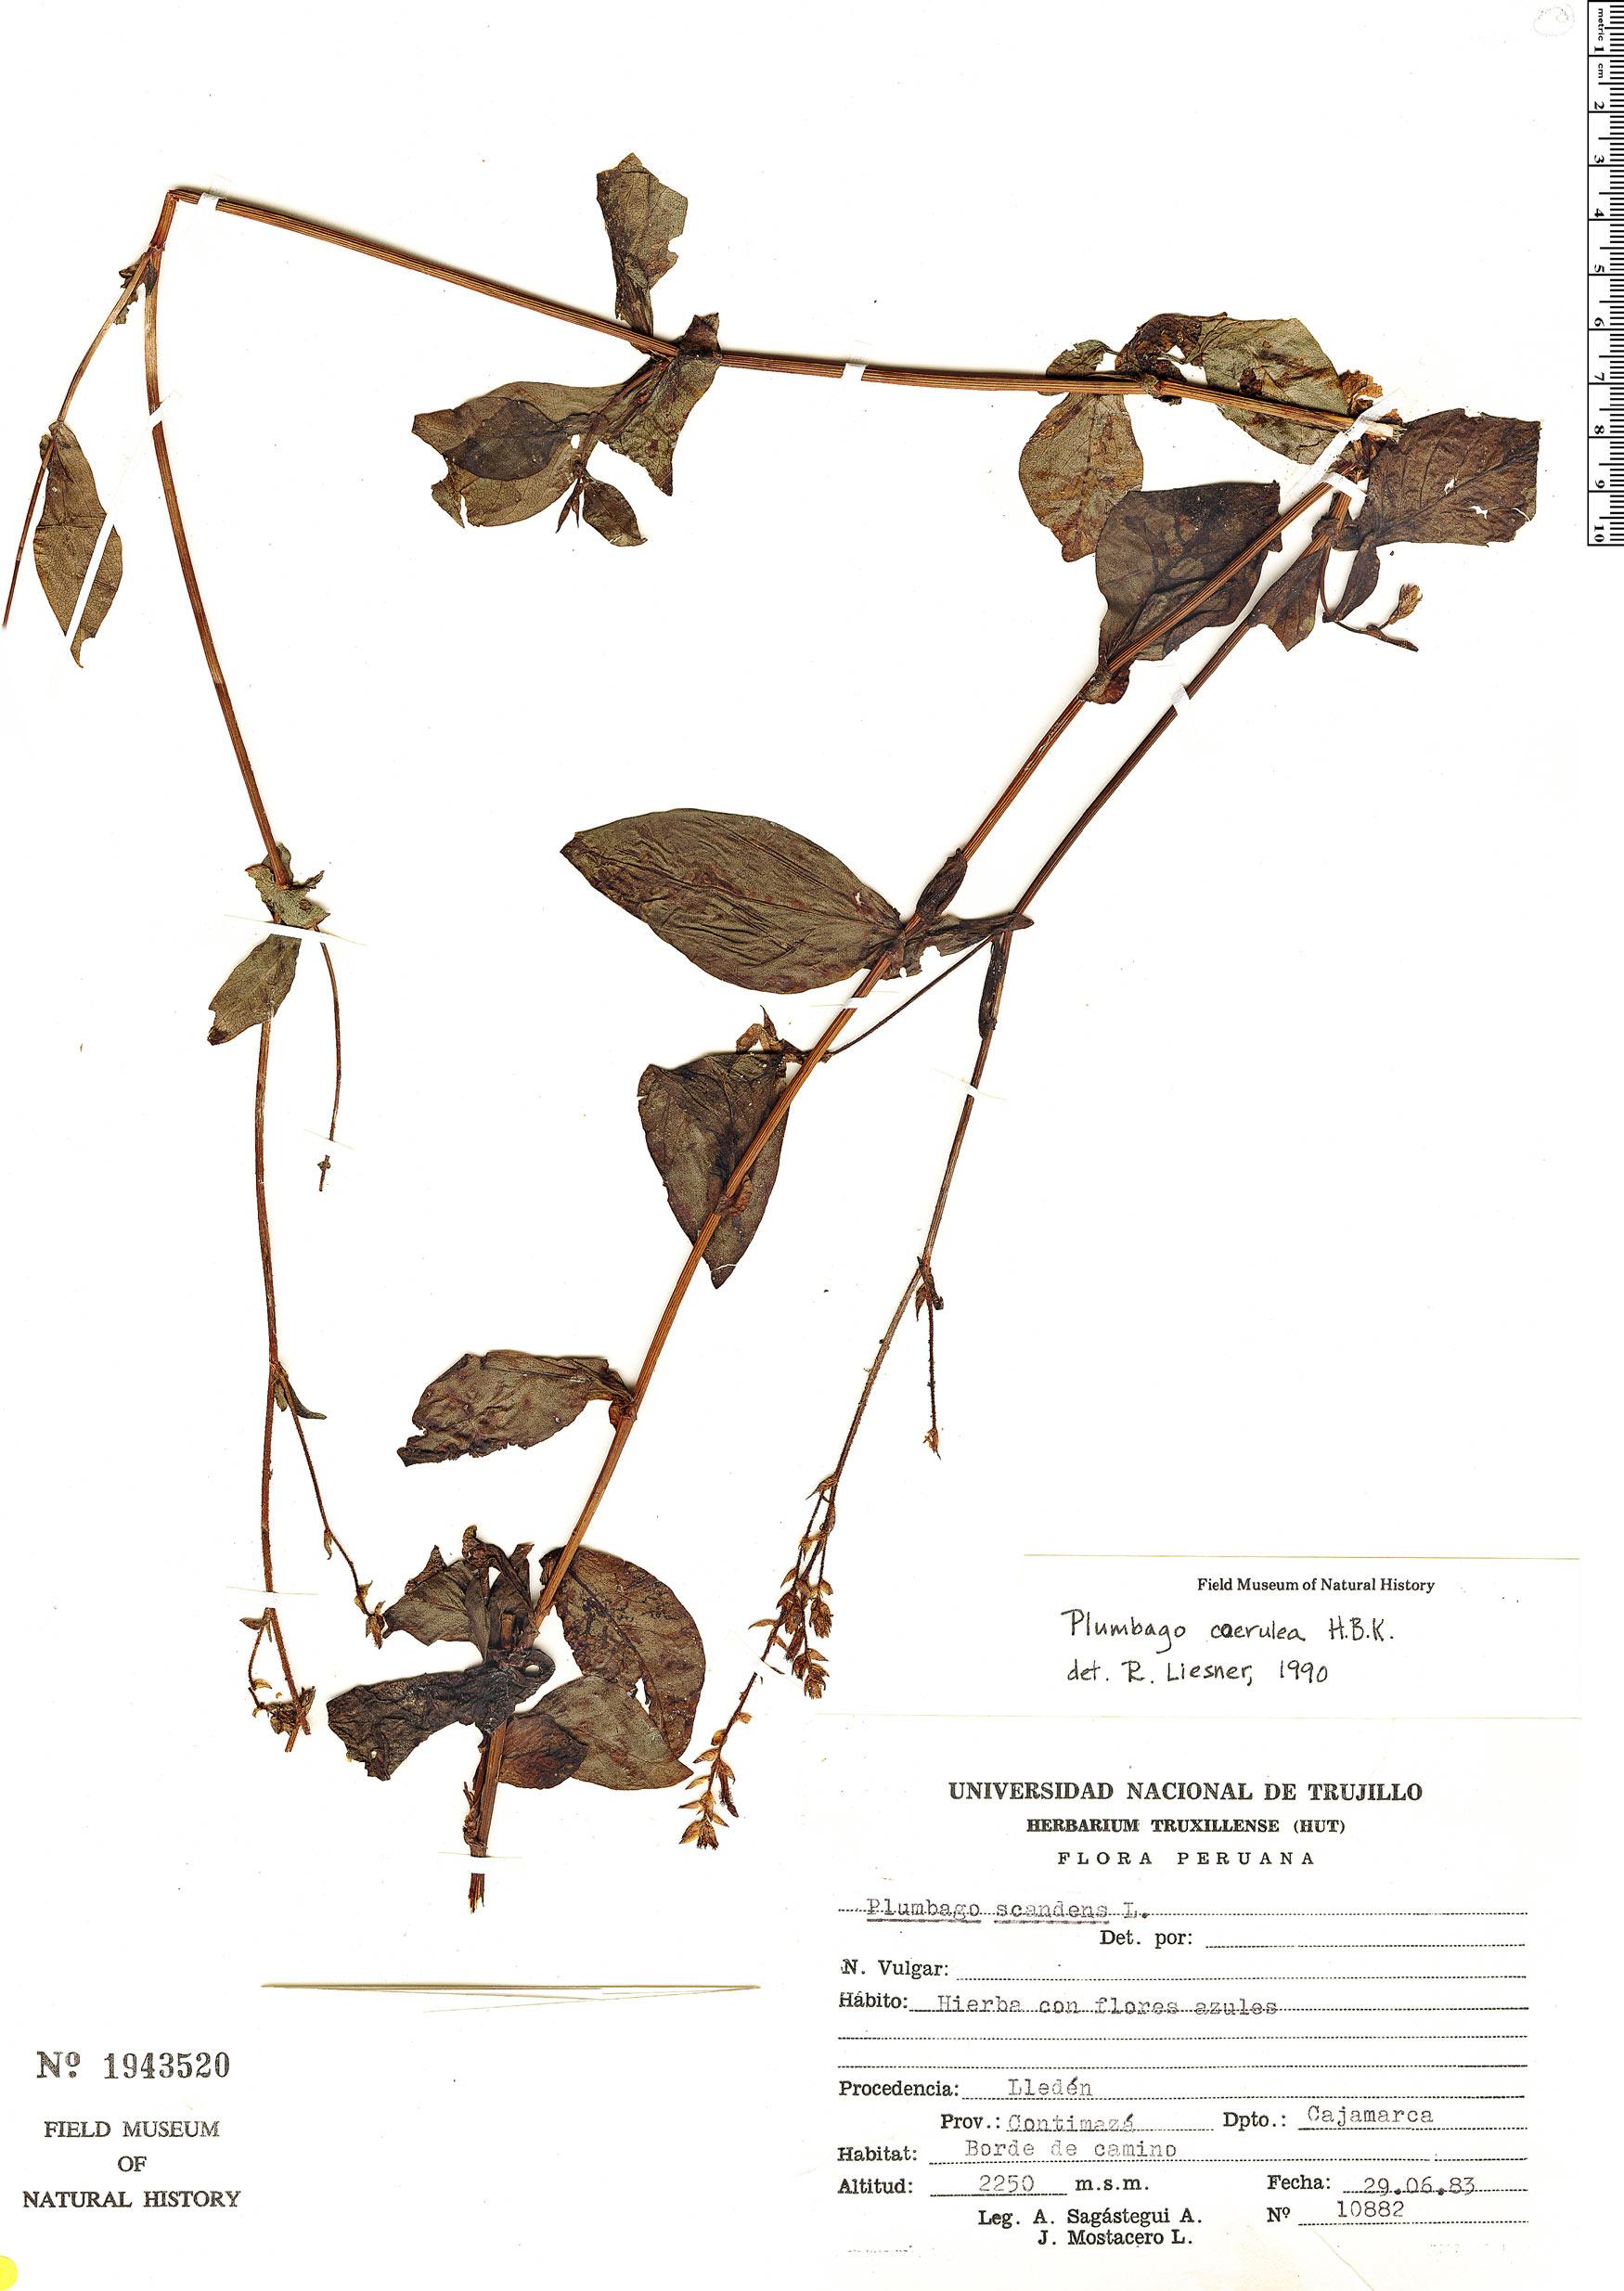 Plumbago coerulea image